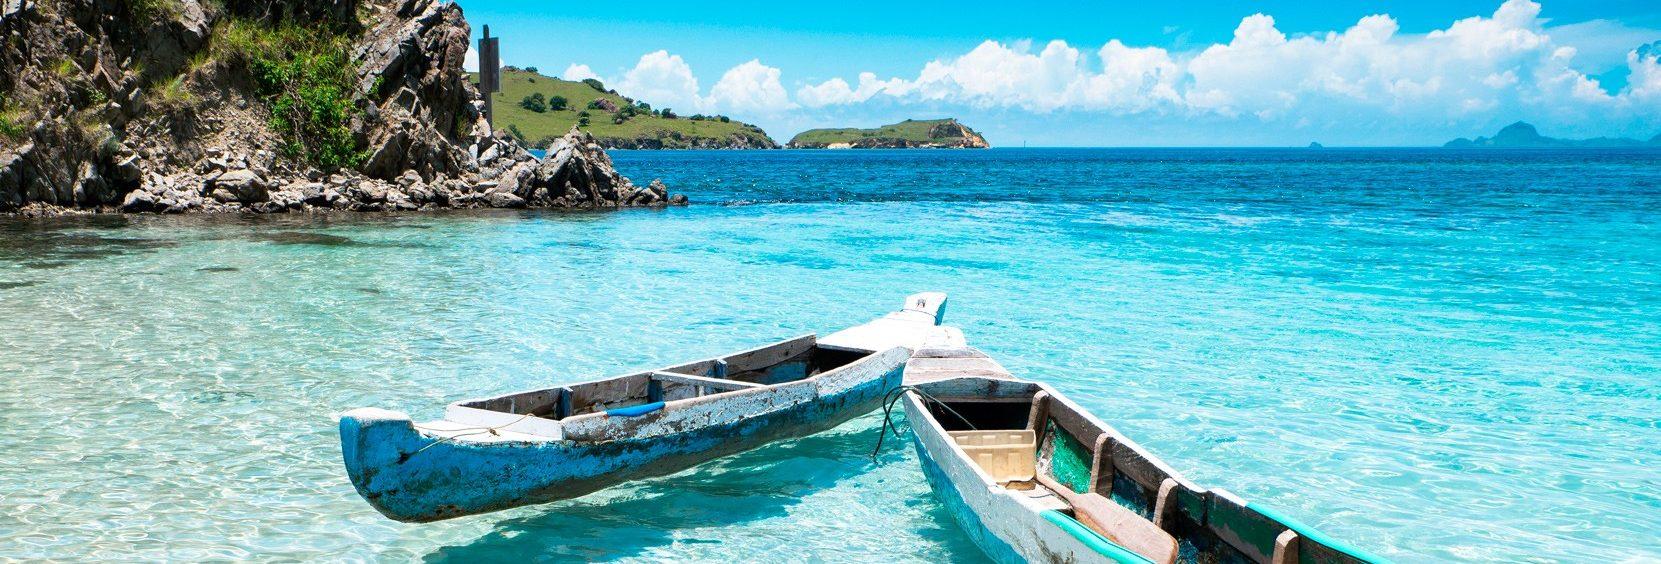 Горящие туры и путевки на Бали, дешевые цены на отдых на Бали